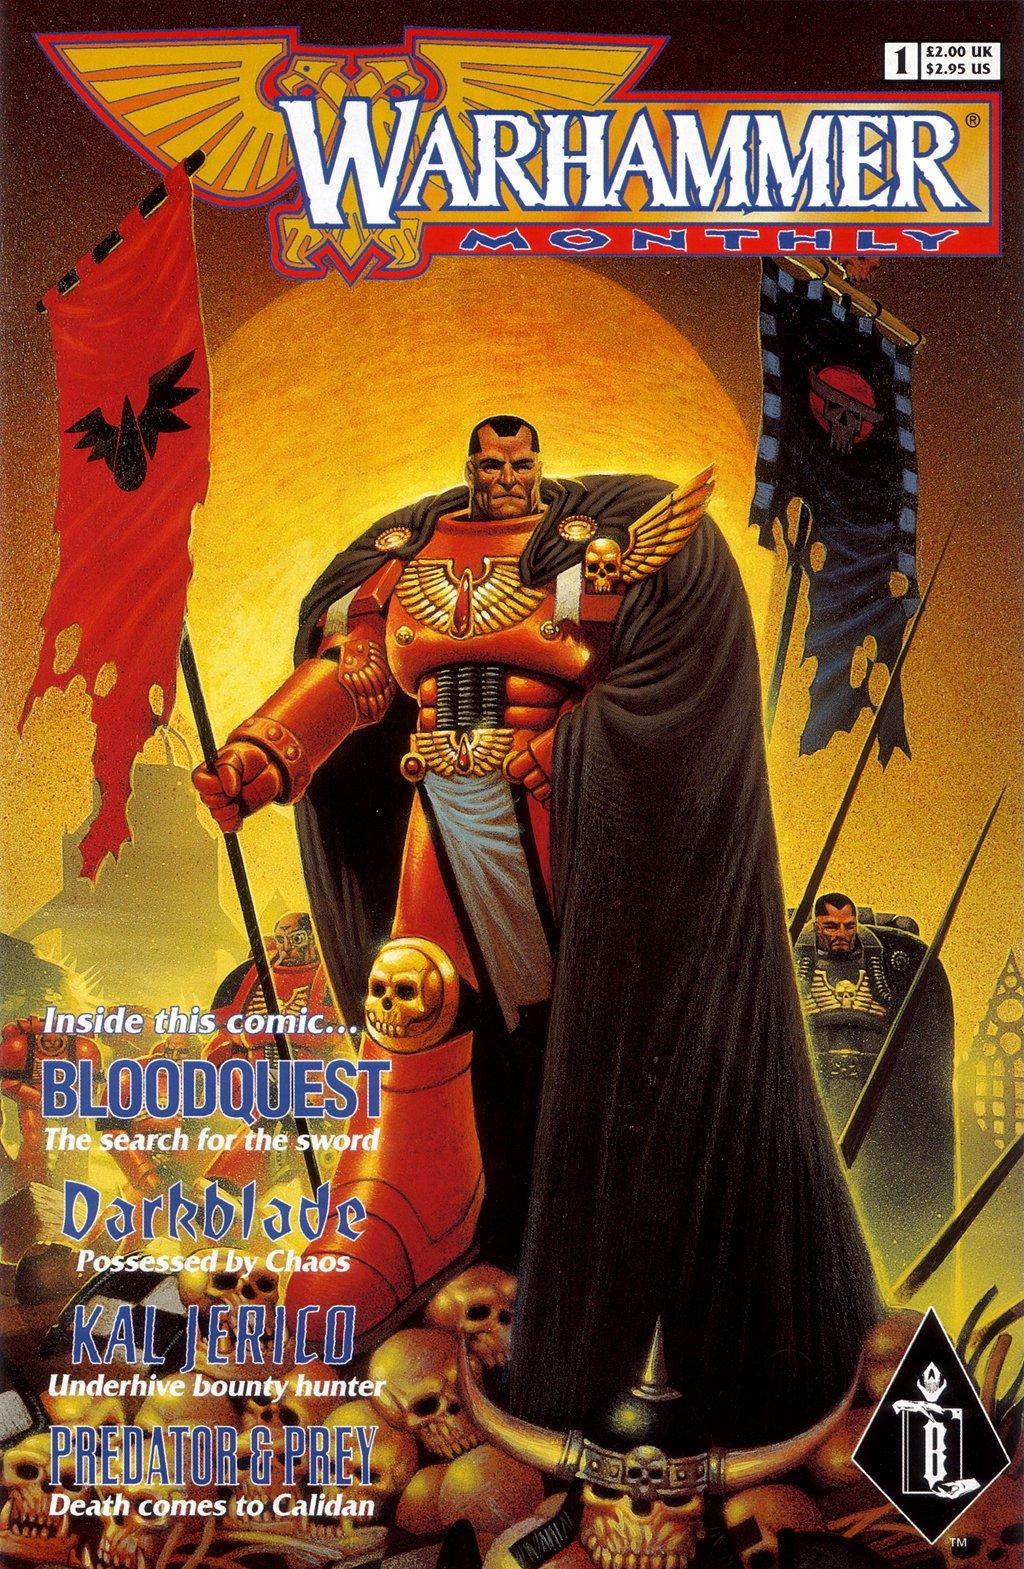 Самые крутые комиксы по Warhammer 40.000 | Канобу - Изображение 9